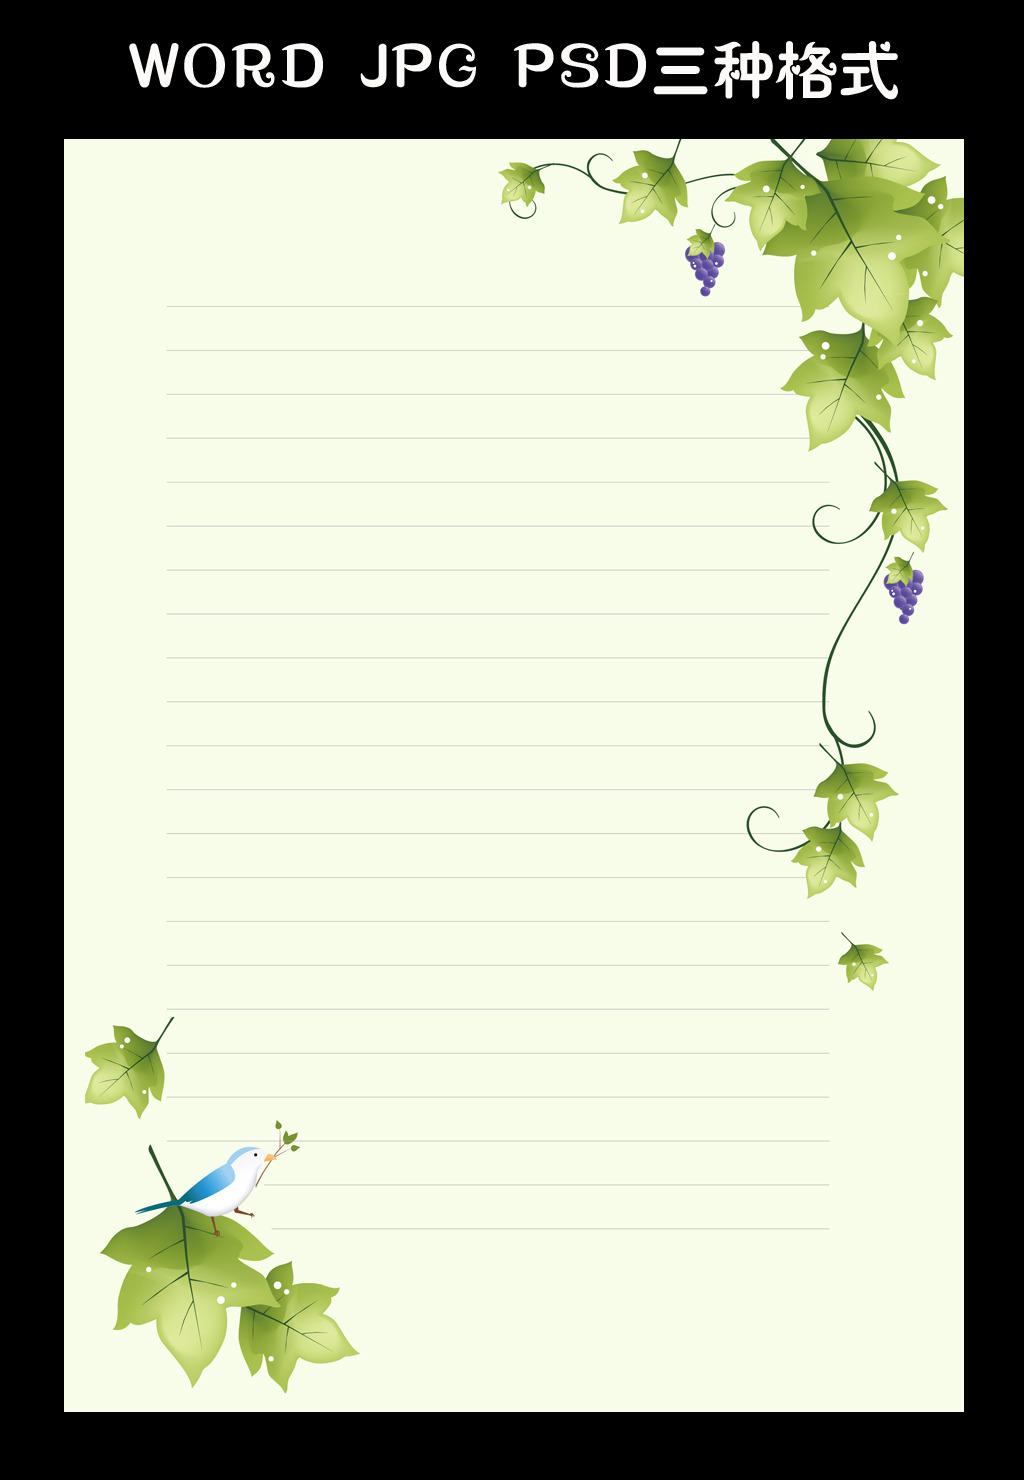 办公|ppt模板 word模板 信纸背景 > 淡雅绿叶信纸背景  下一张&图片